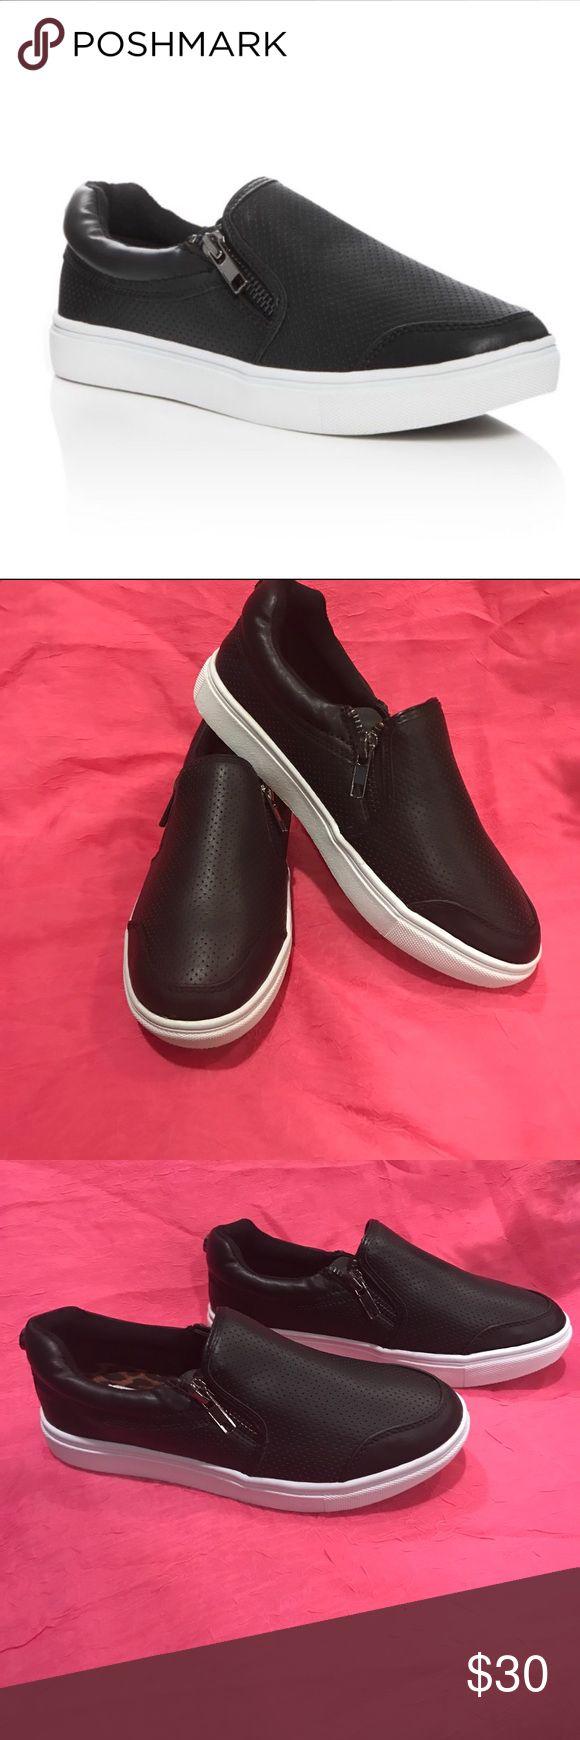 Brand new girls Steve Madden sneakers SALE New.... black slide on Steve Madden sneakers. Girls size 3 ( youth) Steve Madden Shoes Sneakers